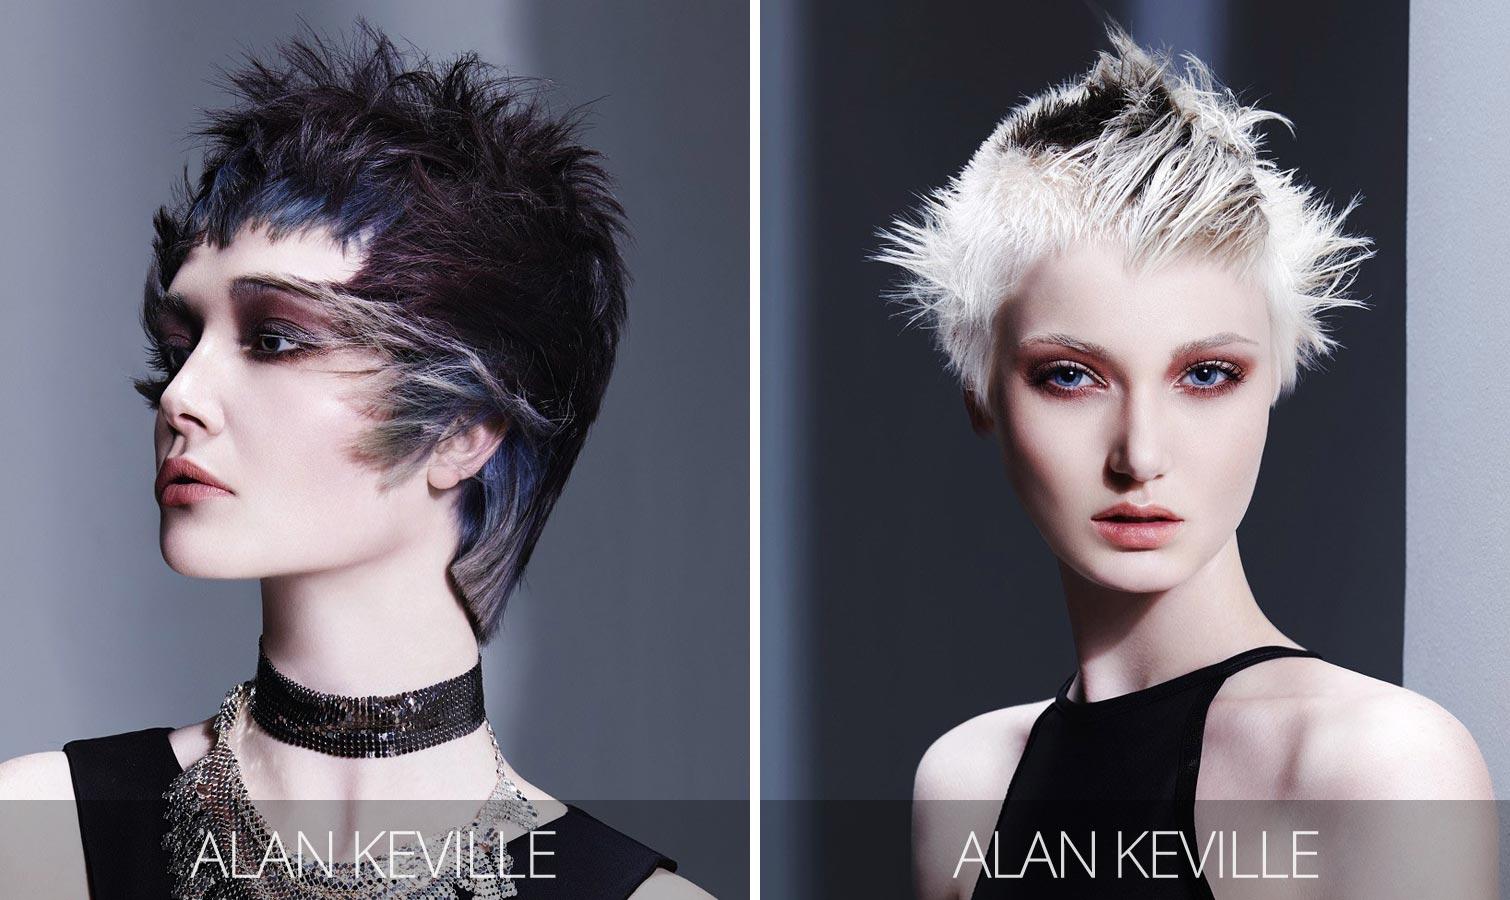 Účesy pro krátké vlasy podzim/zima 2015/2016 – punk rock